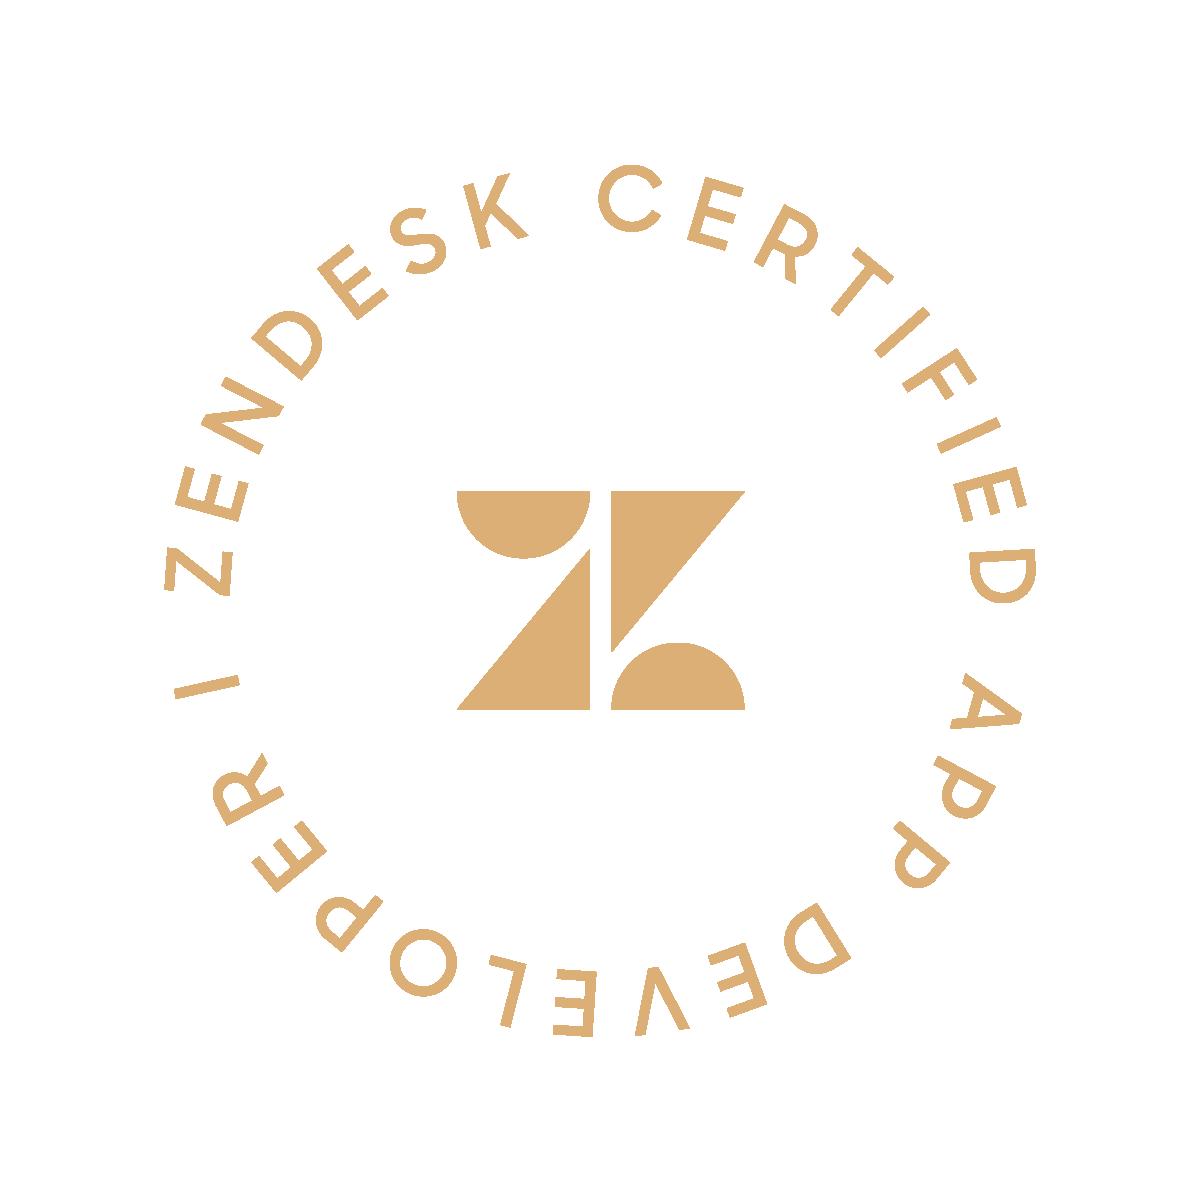 On-Demand: Prepare for the Zendesk App Developer I Certification Exam